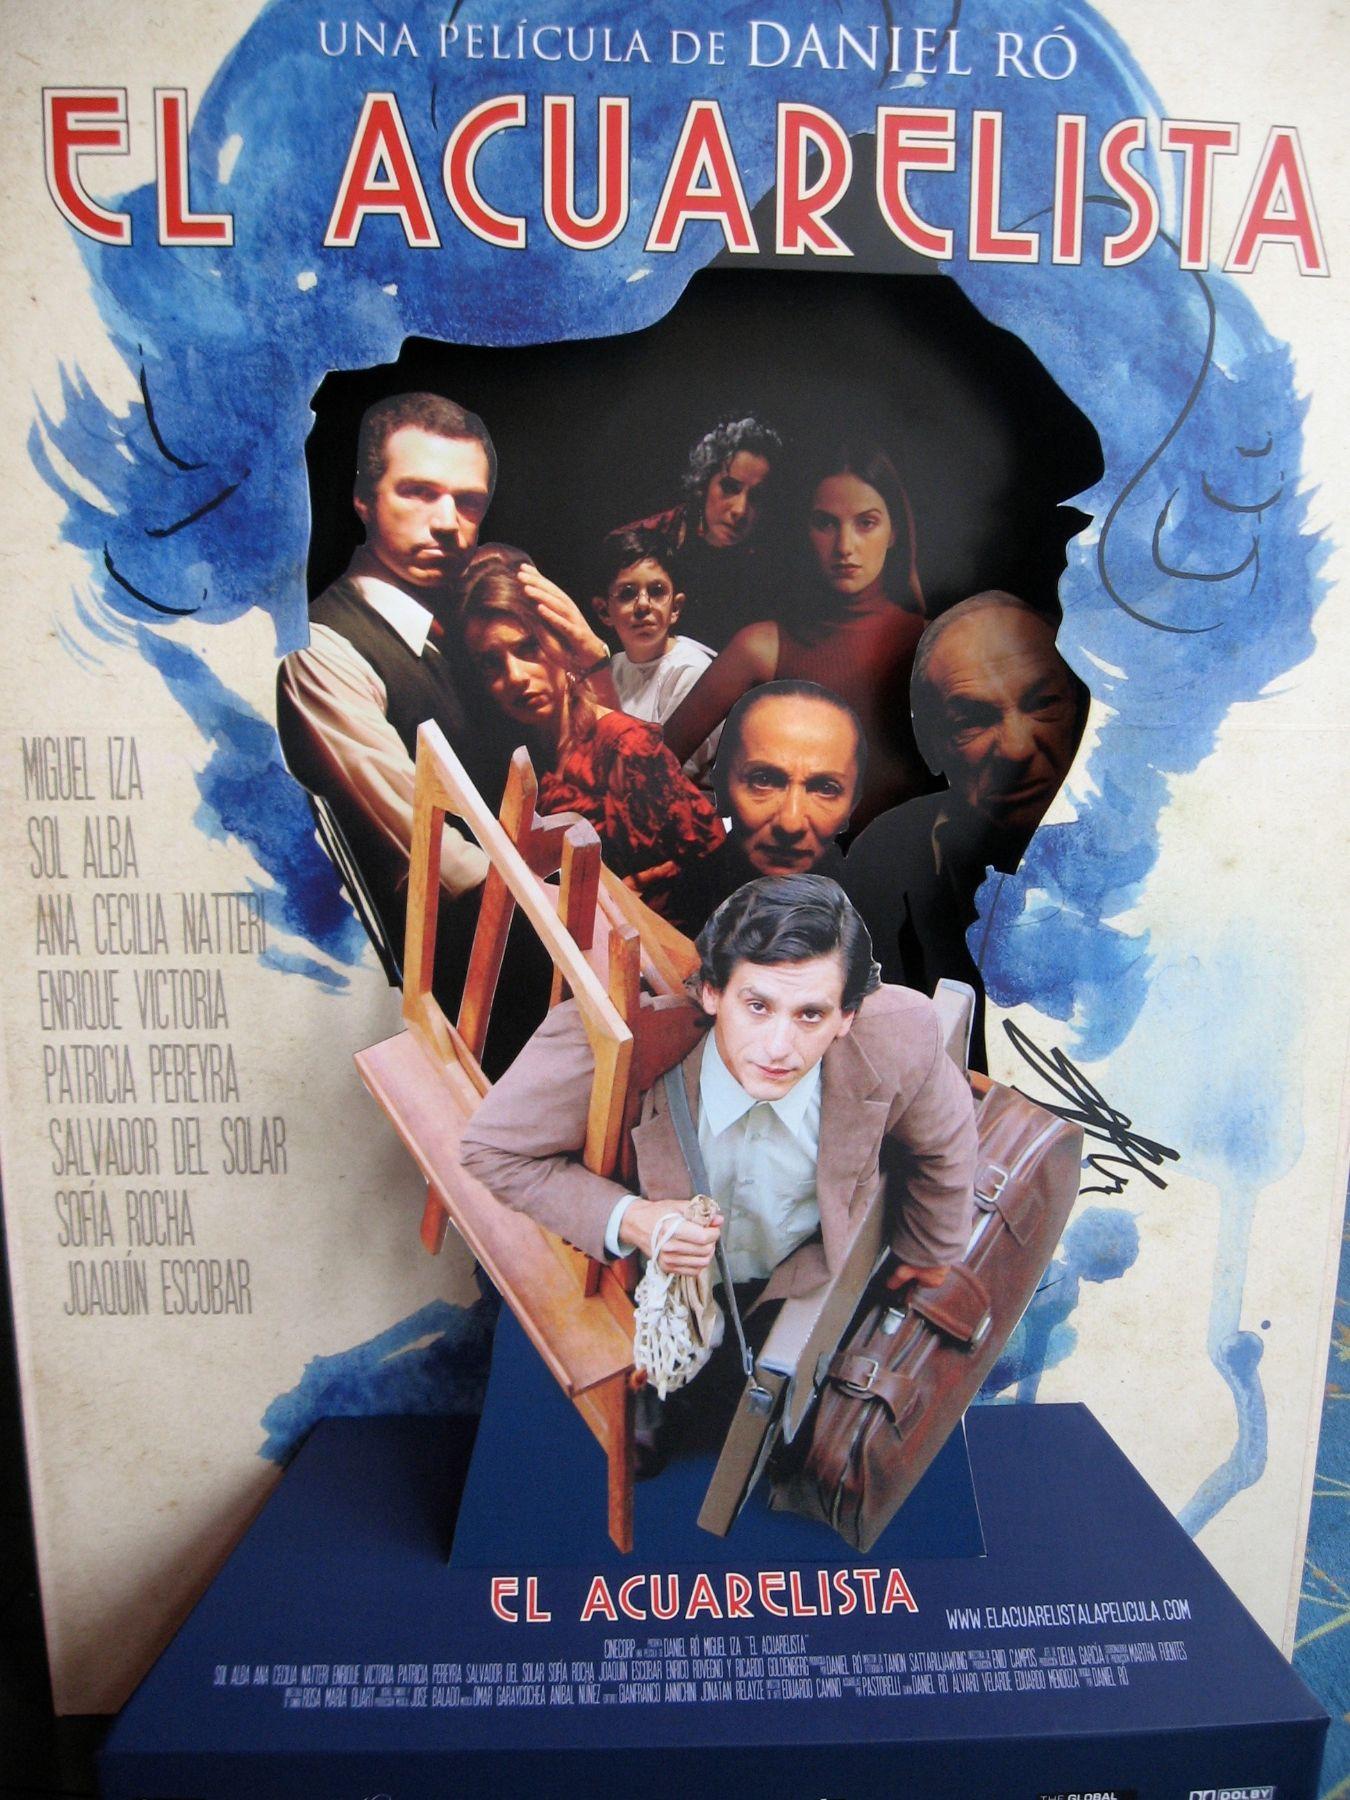 """Afiche de la película """"El Acuarelista"""", de Daniel Ró."""